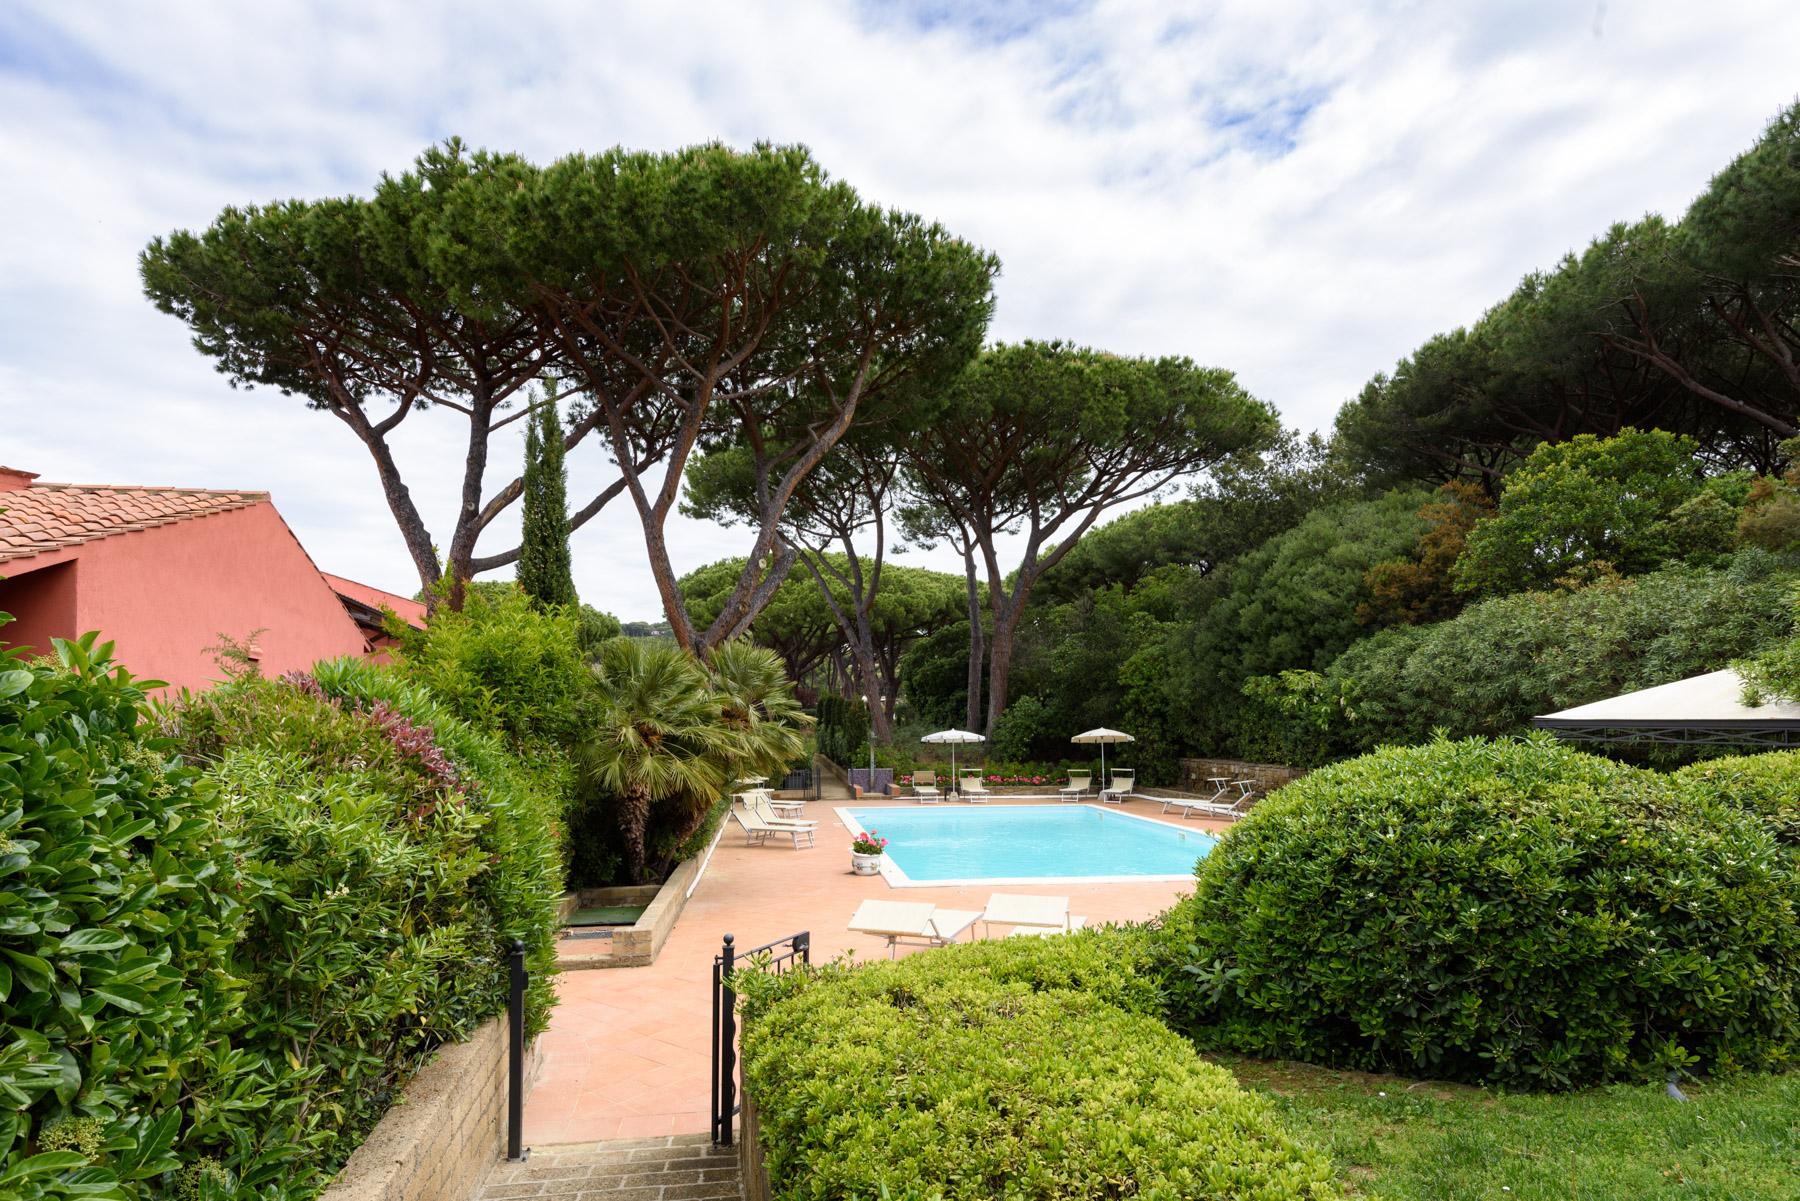 Appartamento in Vendita a Castiglione Della Pescaia: 5 locali, 100 mq - Foto 3